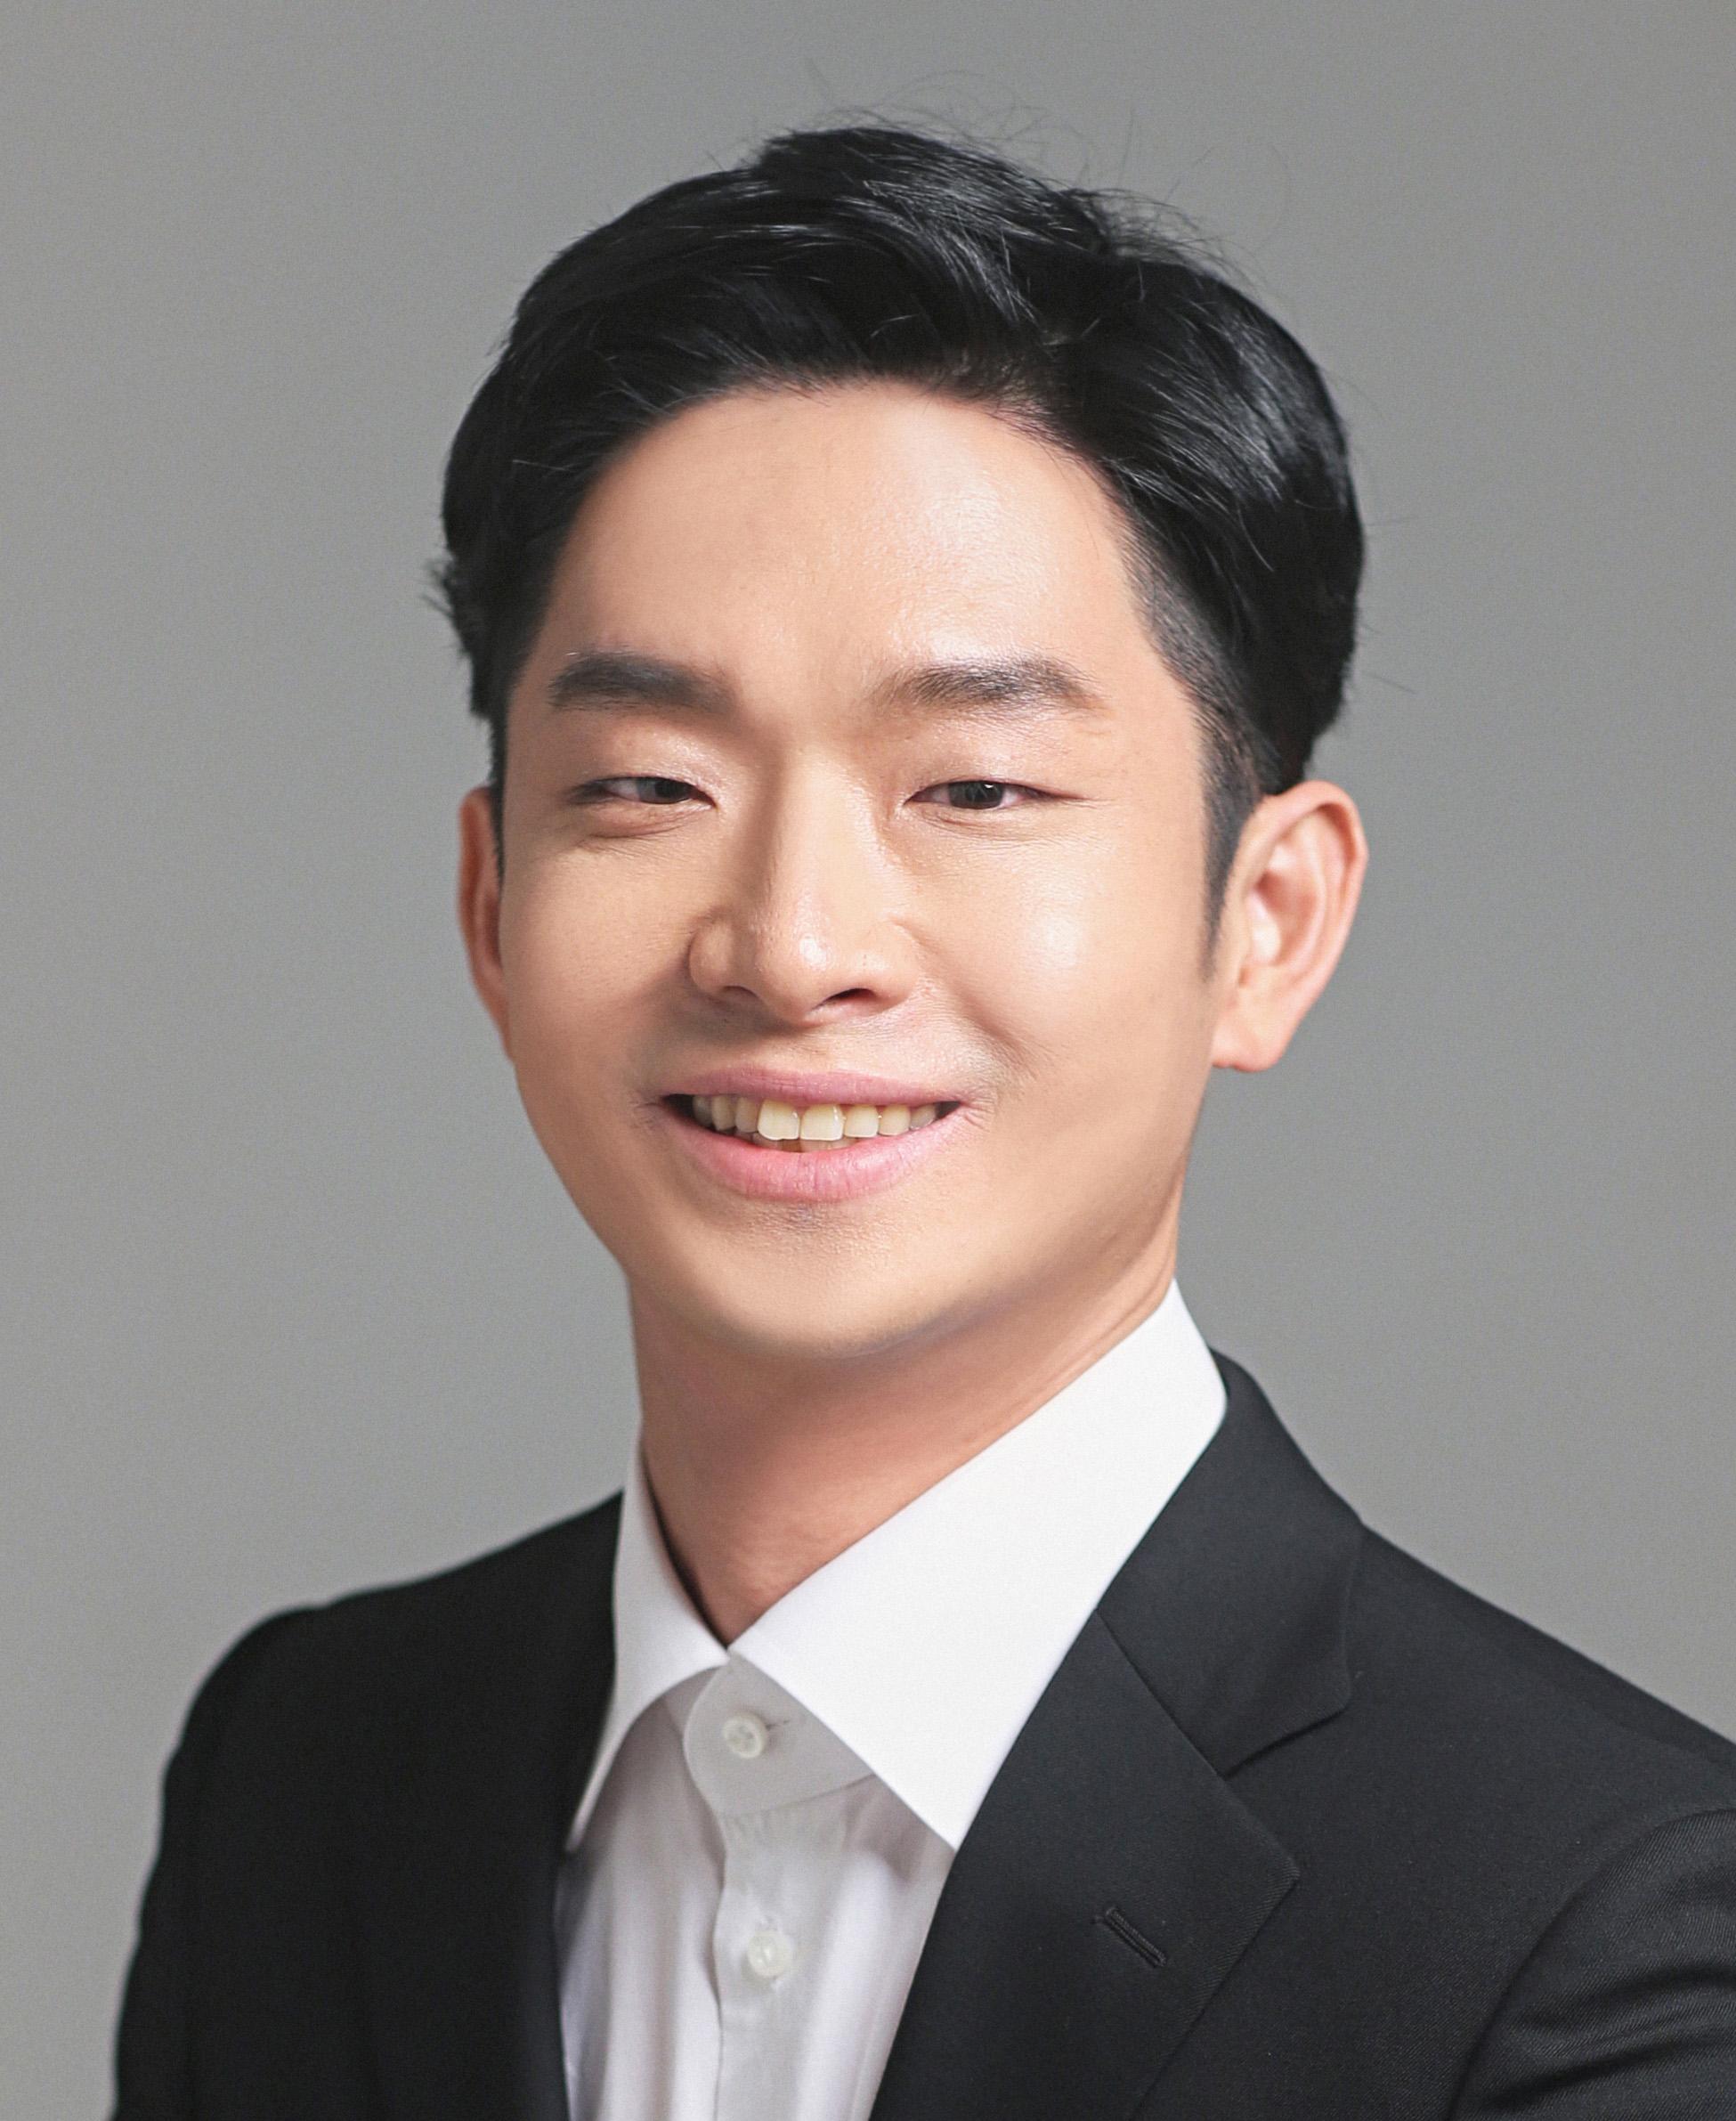 Daewon Seo, Baritone